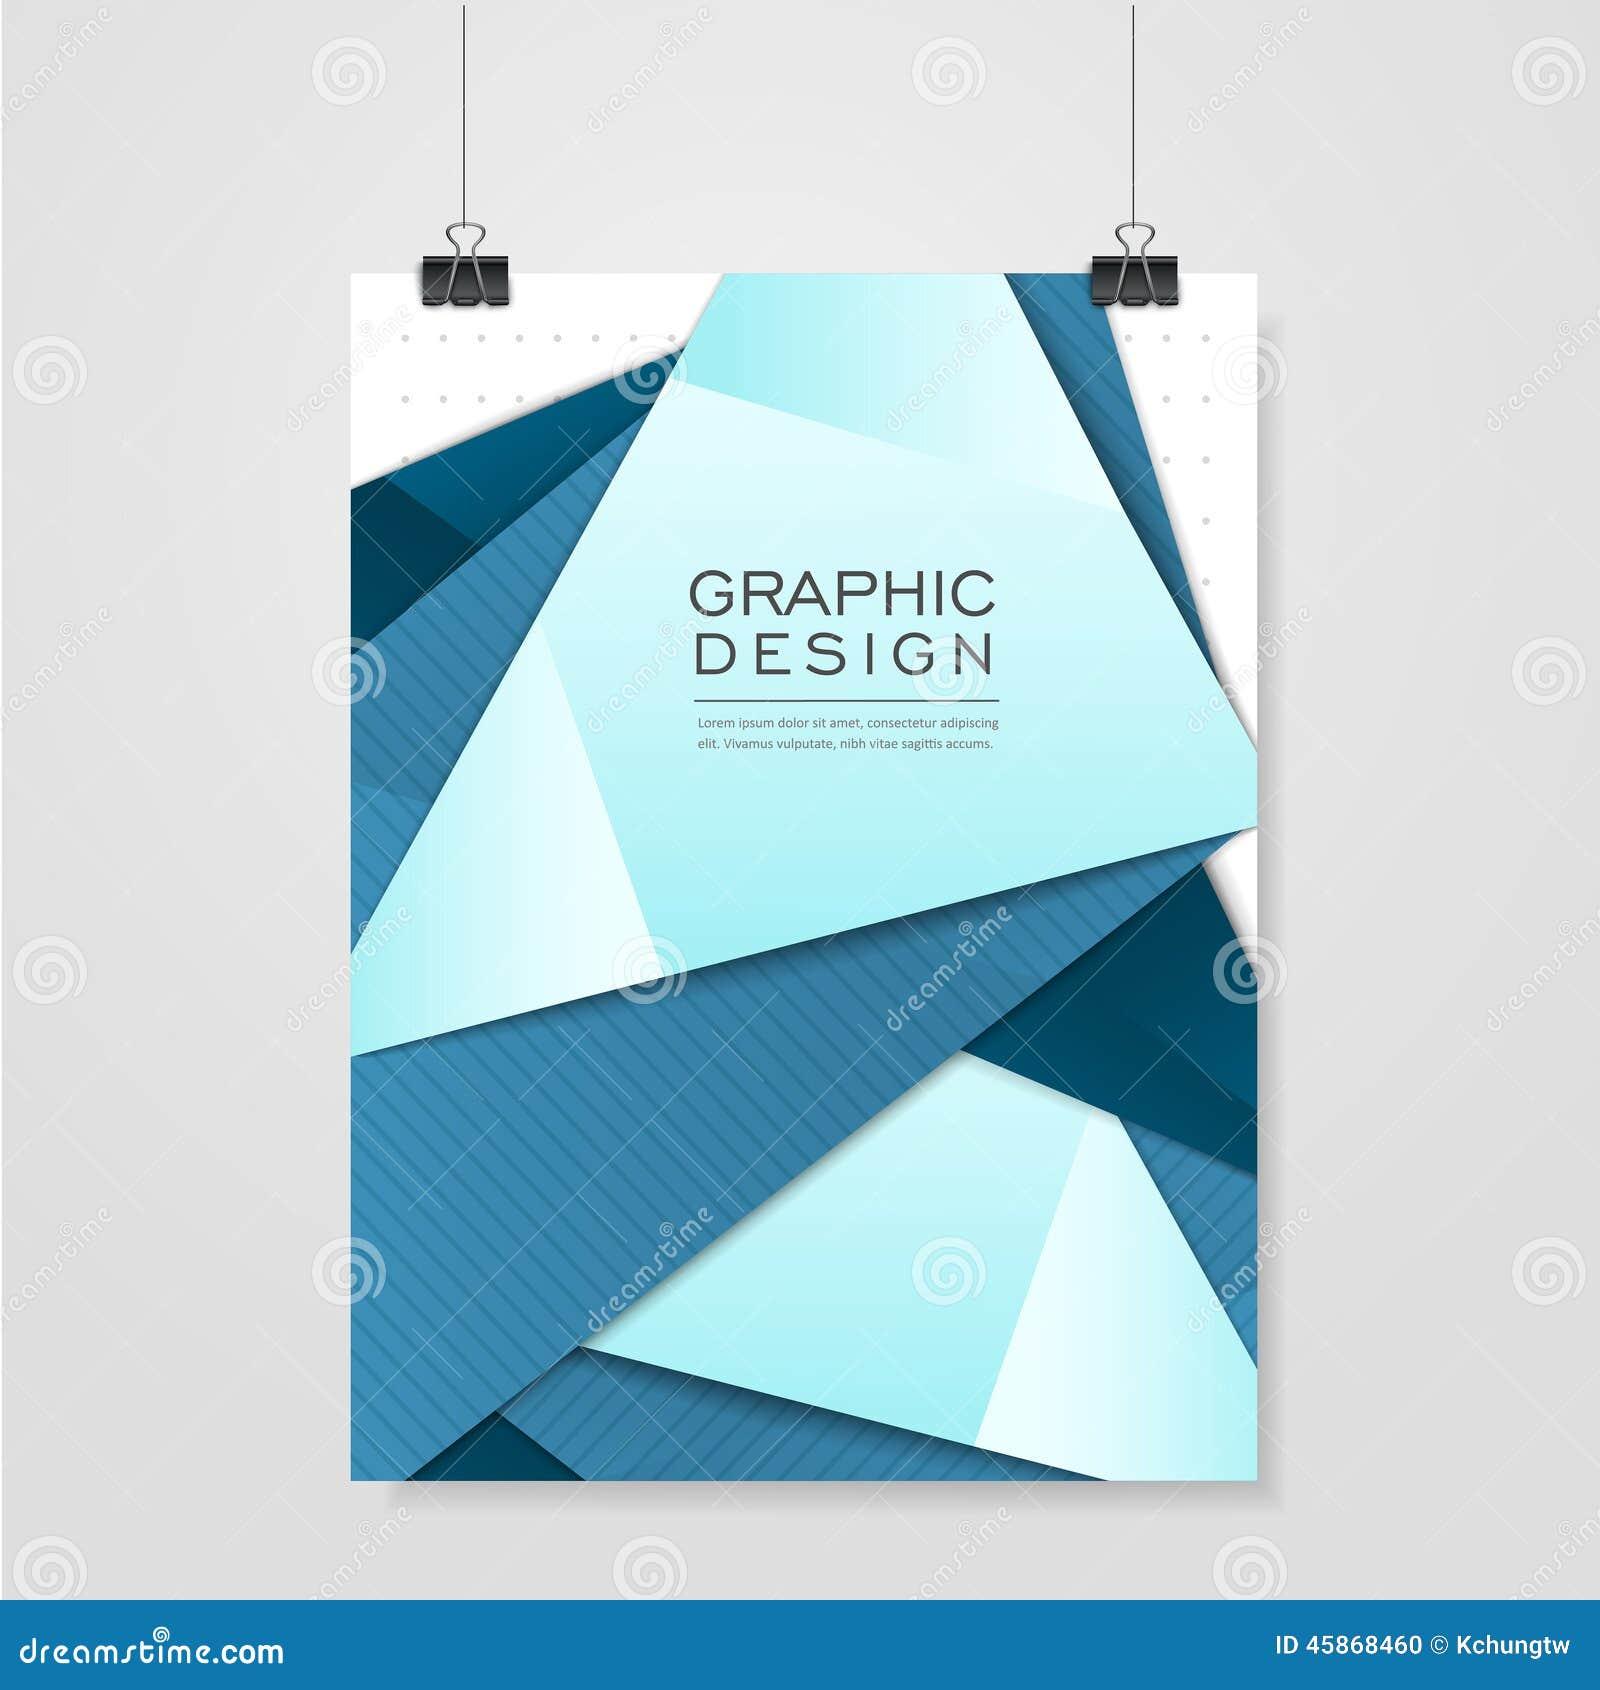 conception moderne de style d 39 origami pour le calibre d 39 affiche illustration de vecteur image. Black Bedroom Furniture Sets. Home Design Ideas